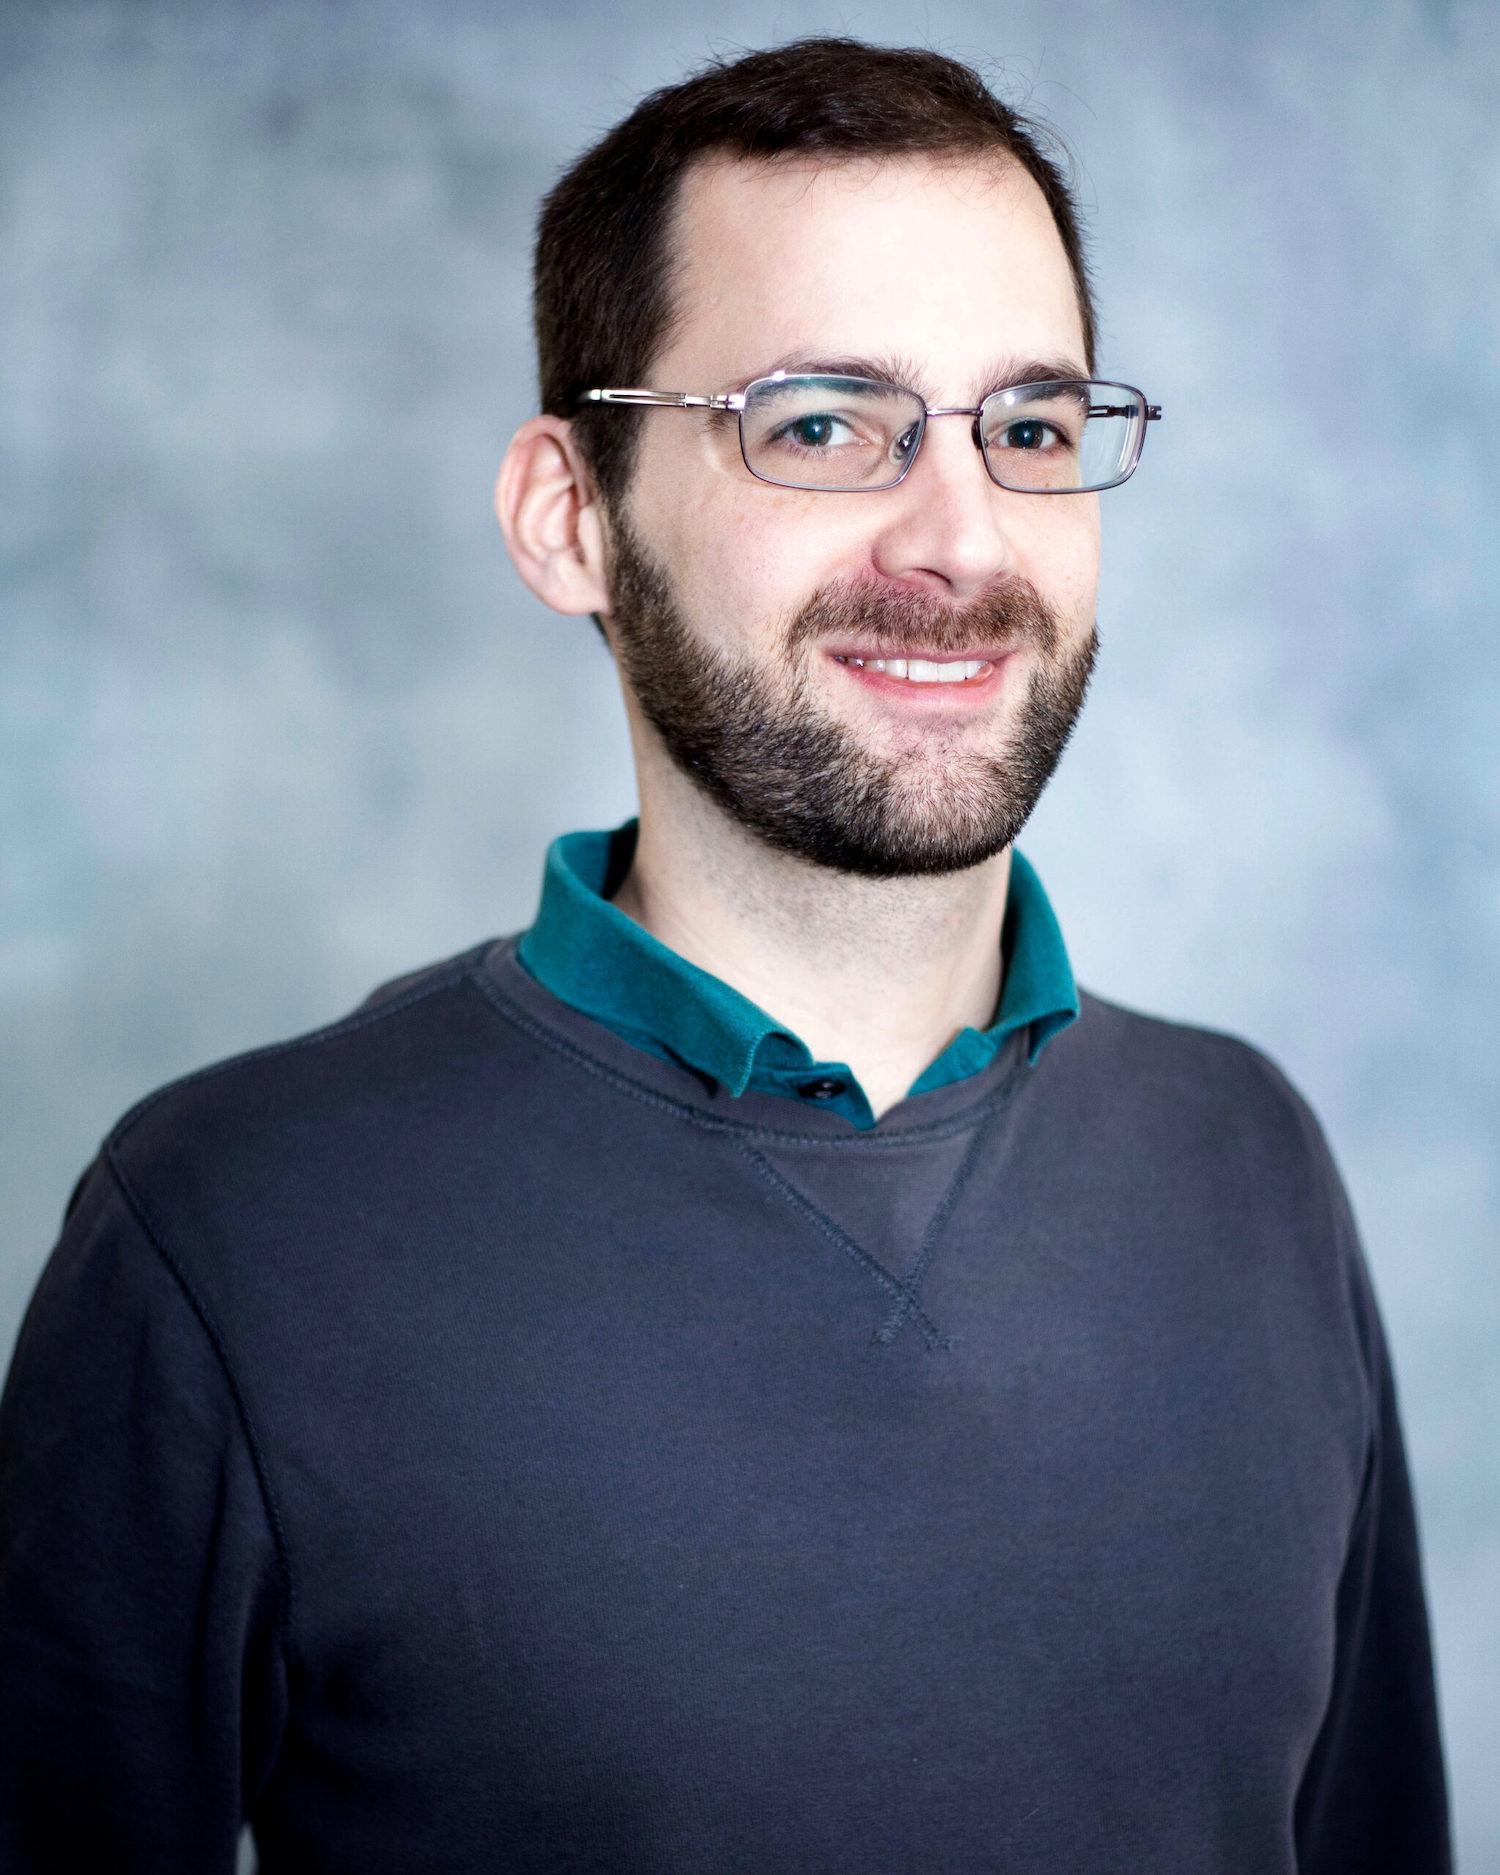 Kent DeVillafranca